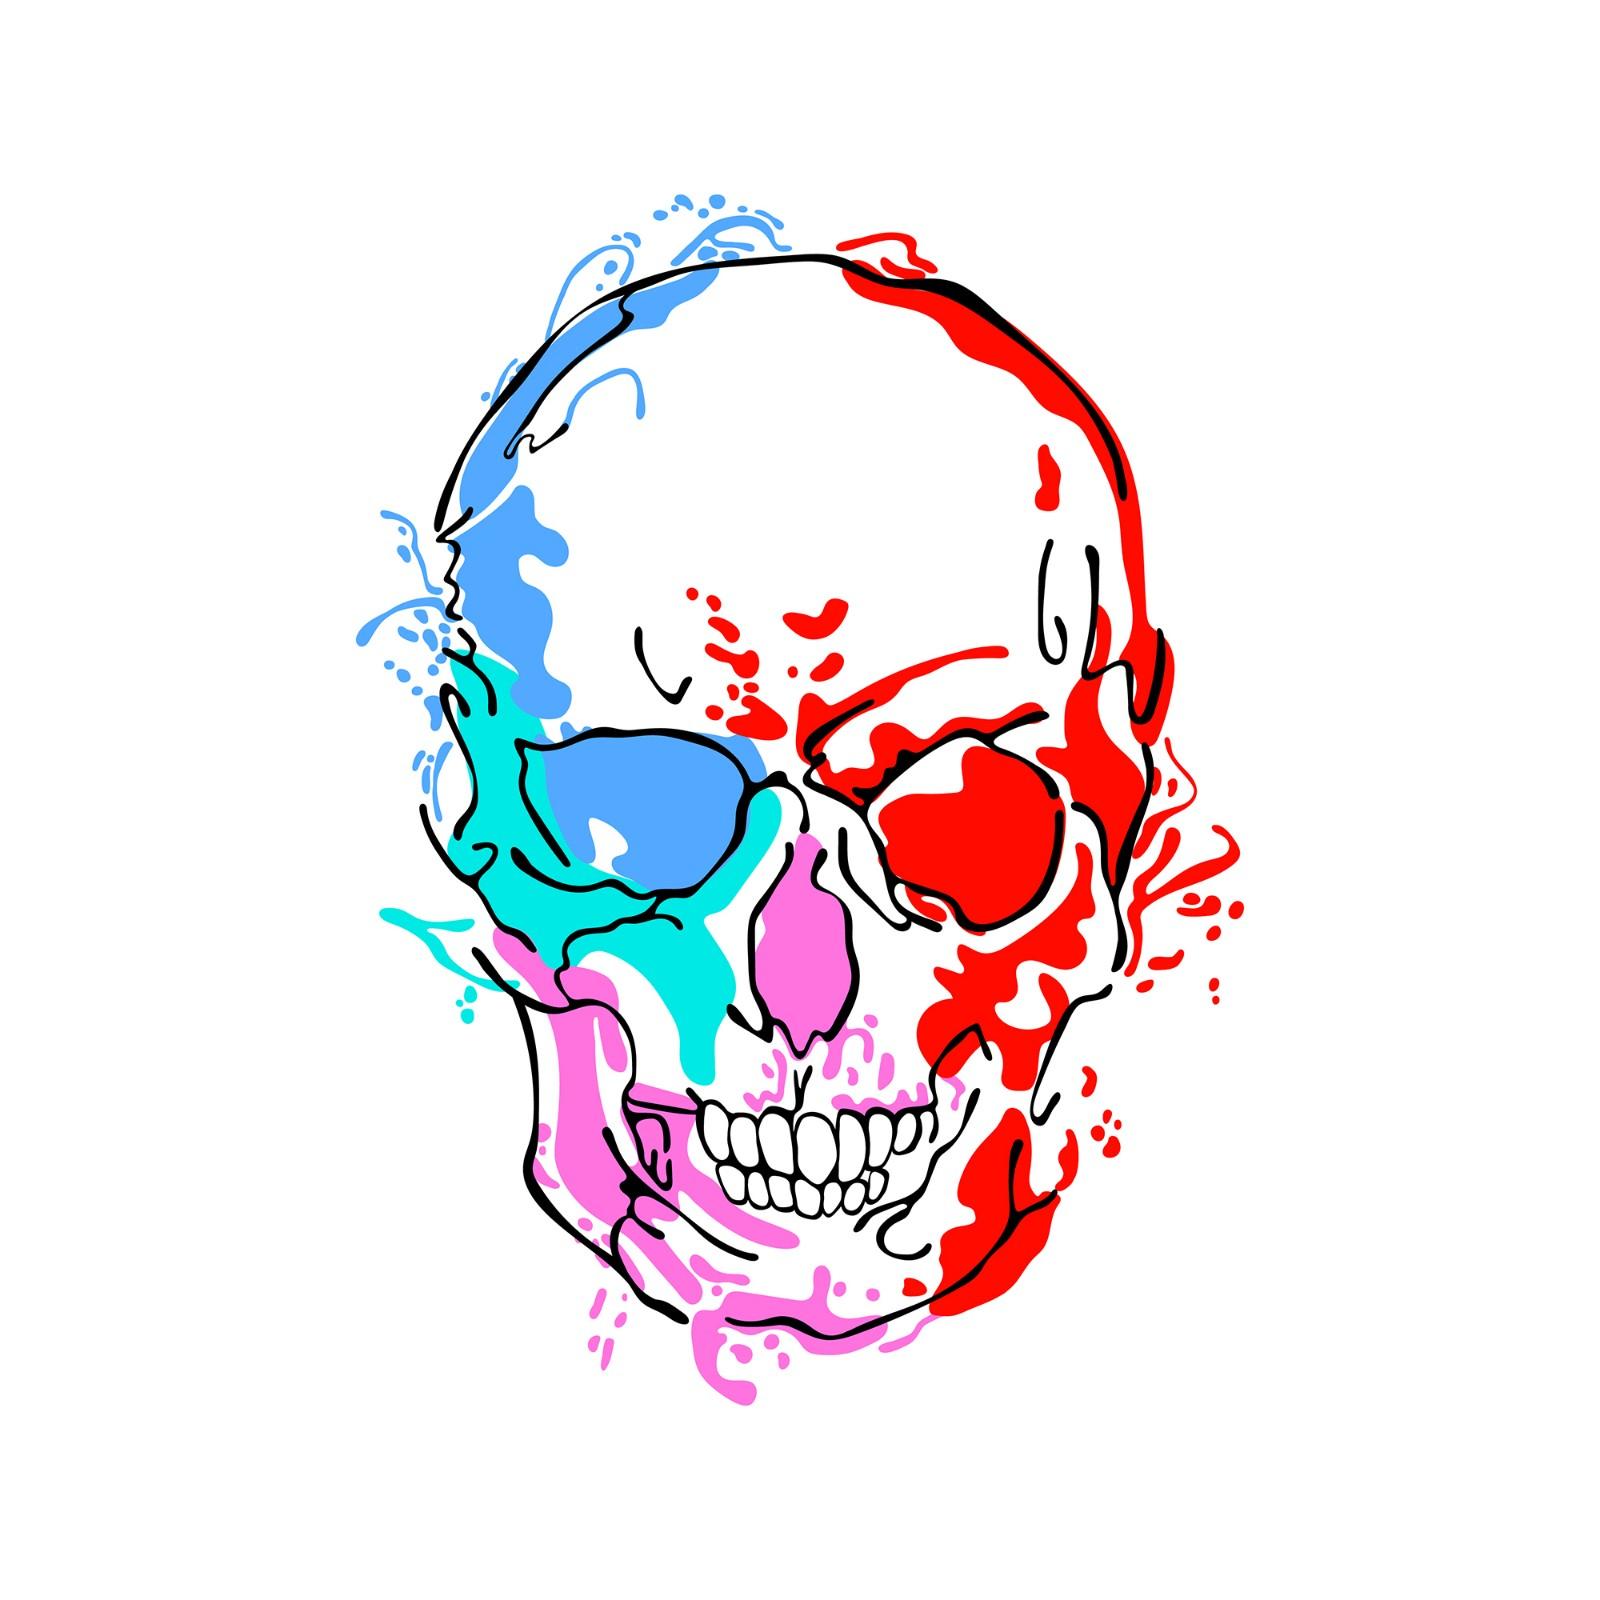 splashed ink skull design